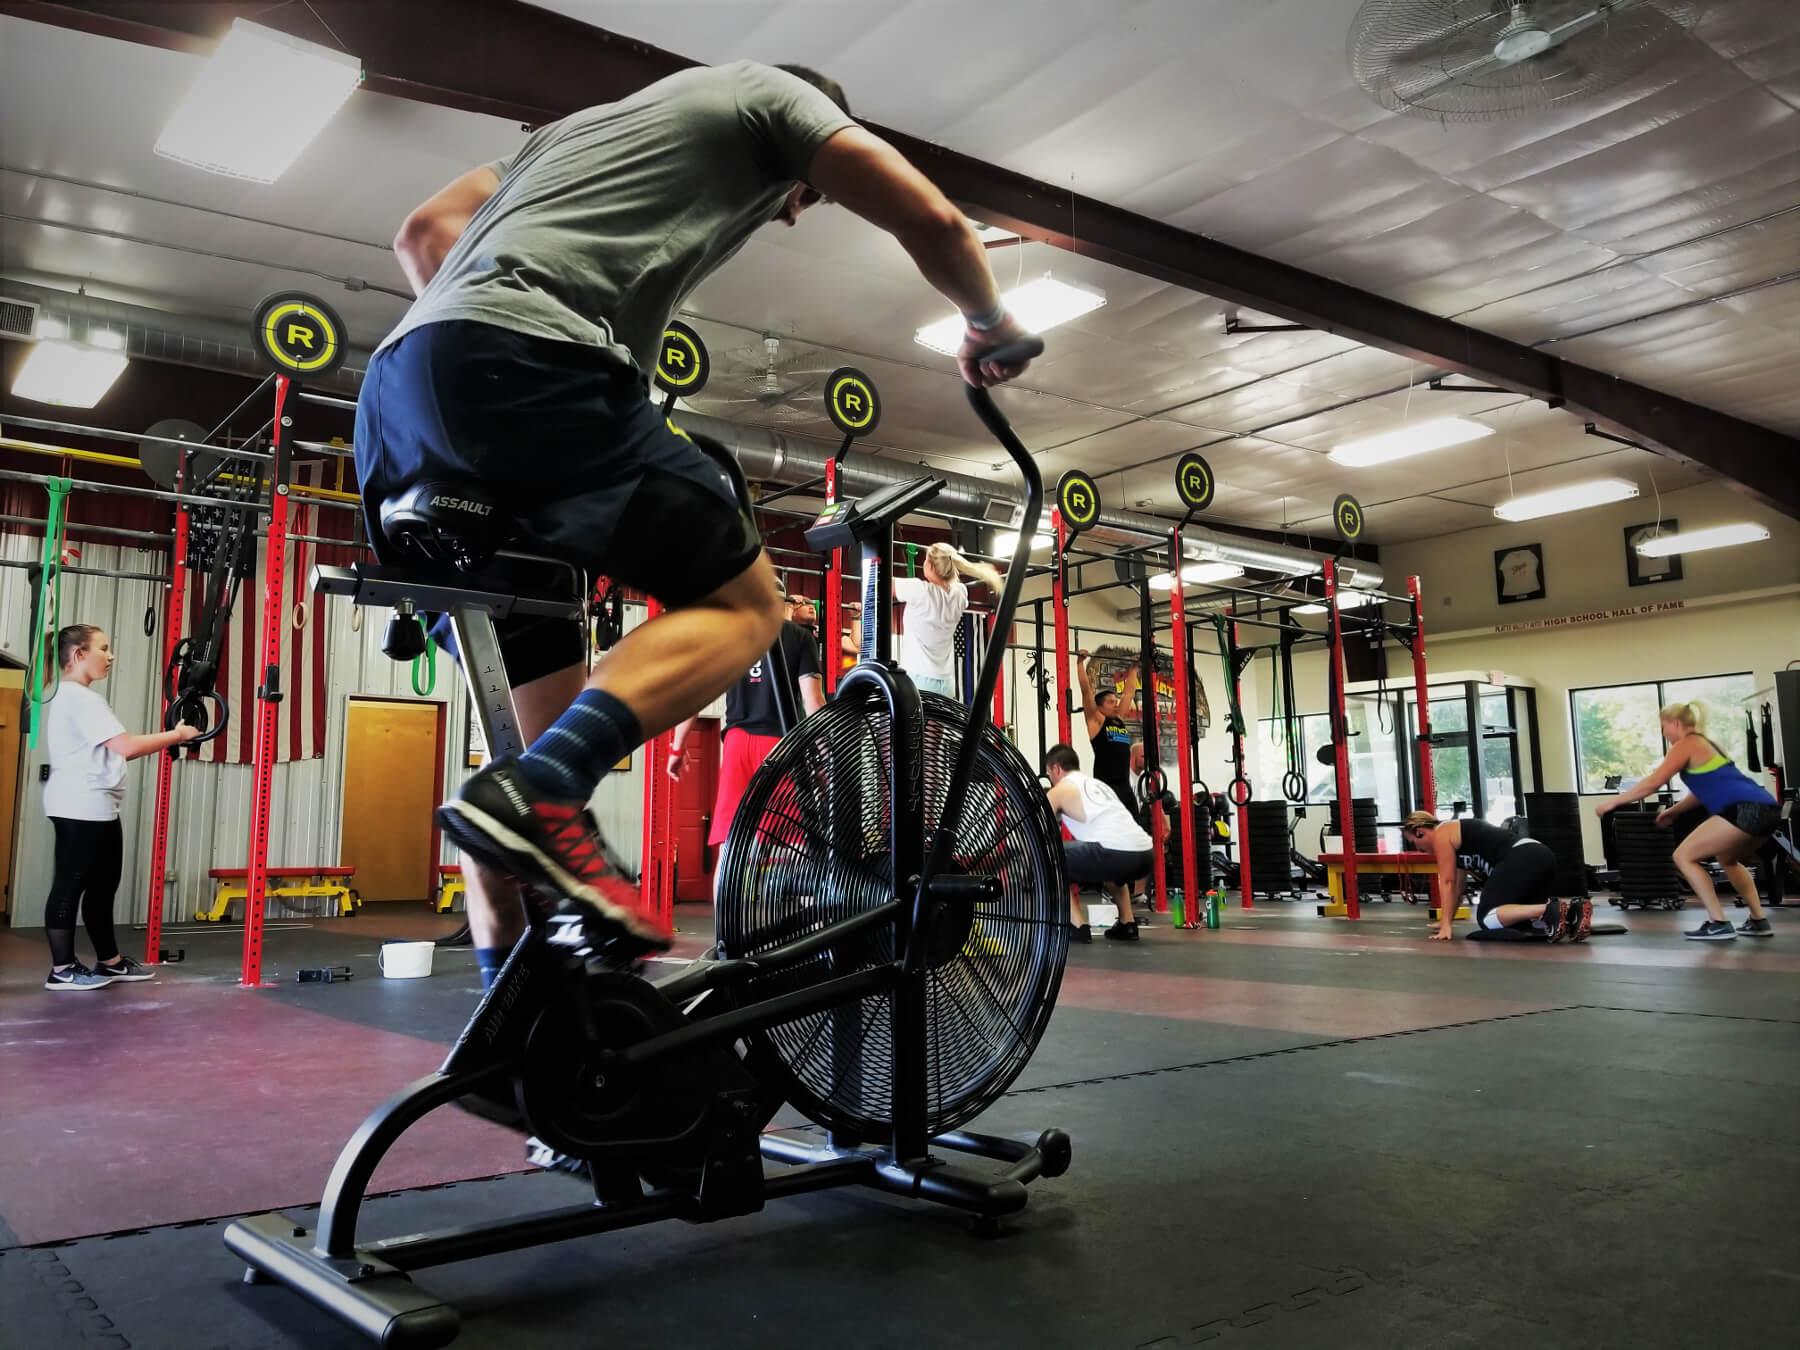 Athlete on Exercise Bike